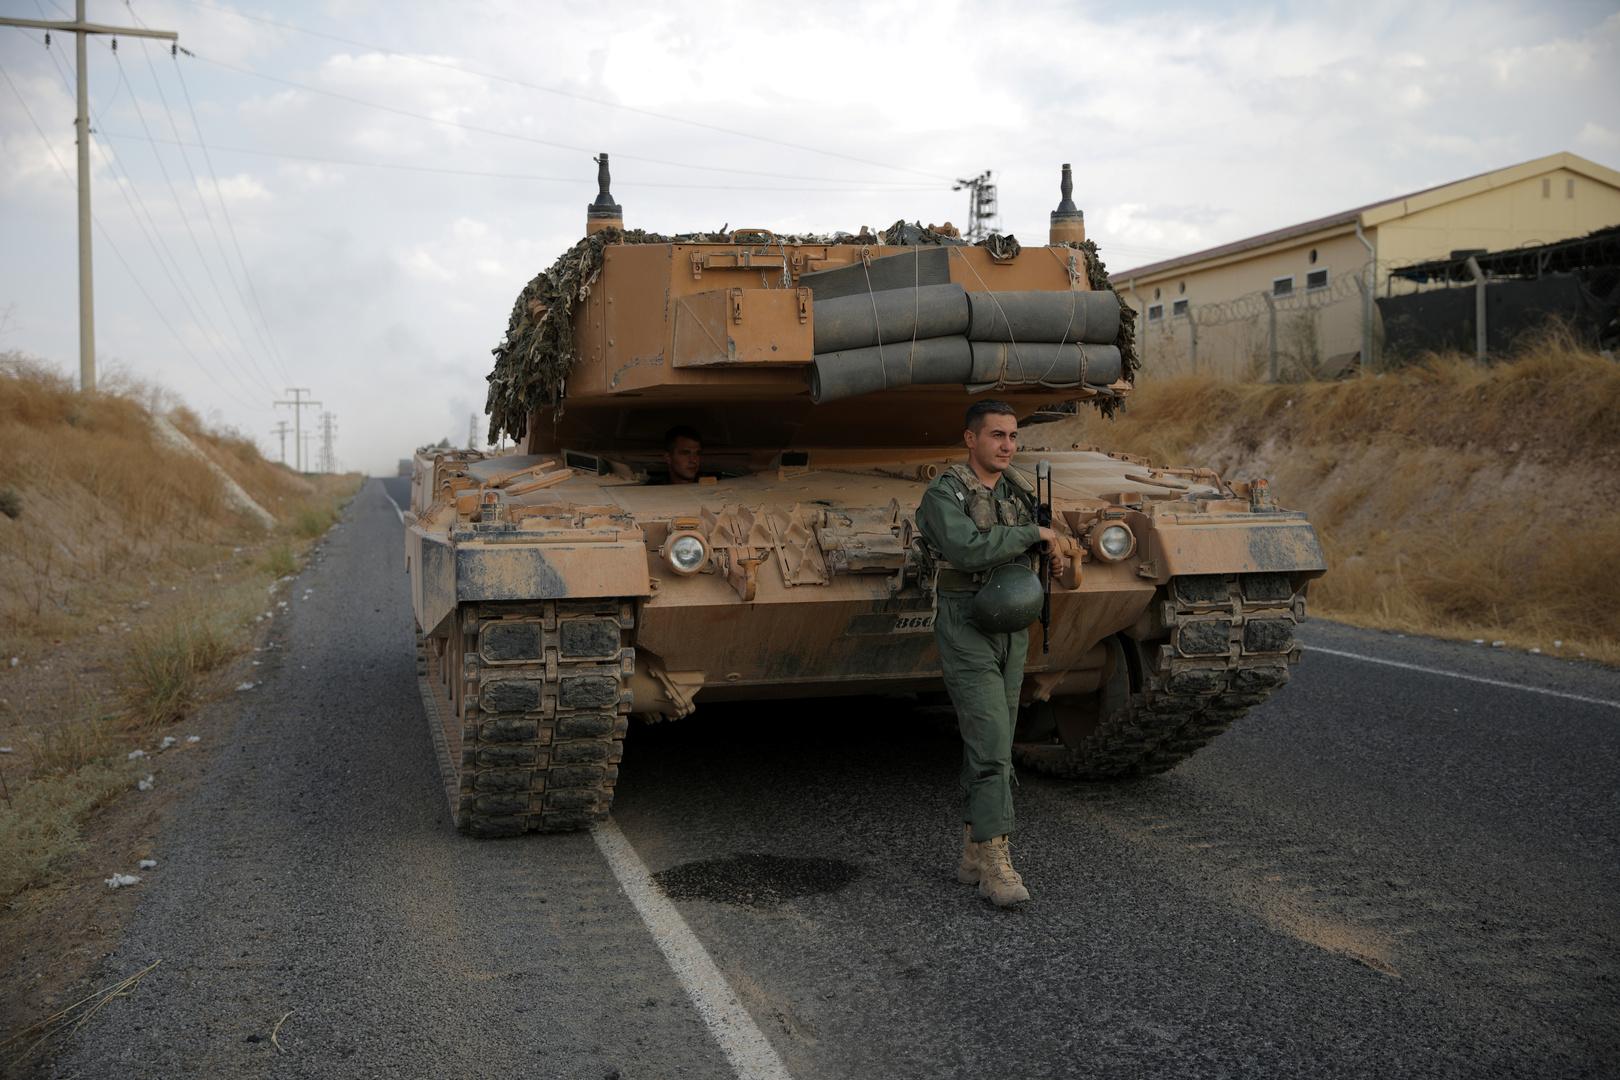 لا وقت للحرب: كيف تتقلص صادرات الأسلحة (التركية)